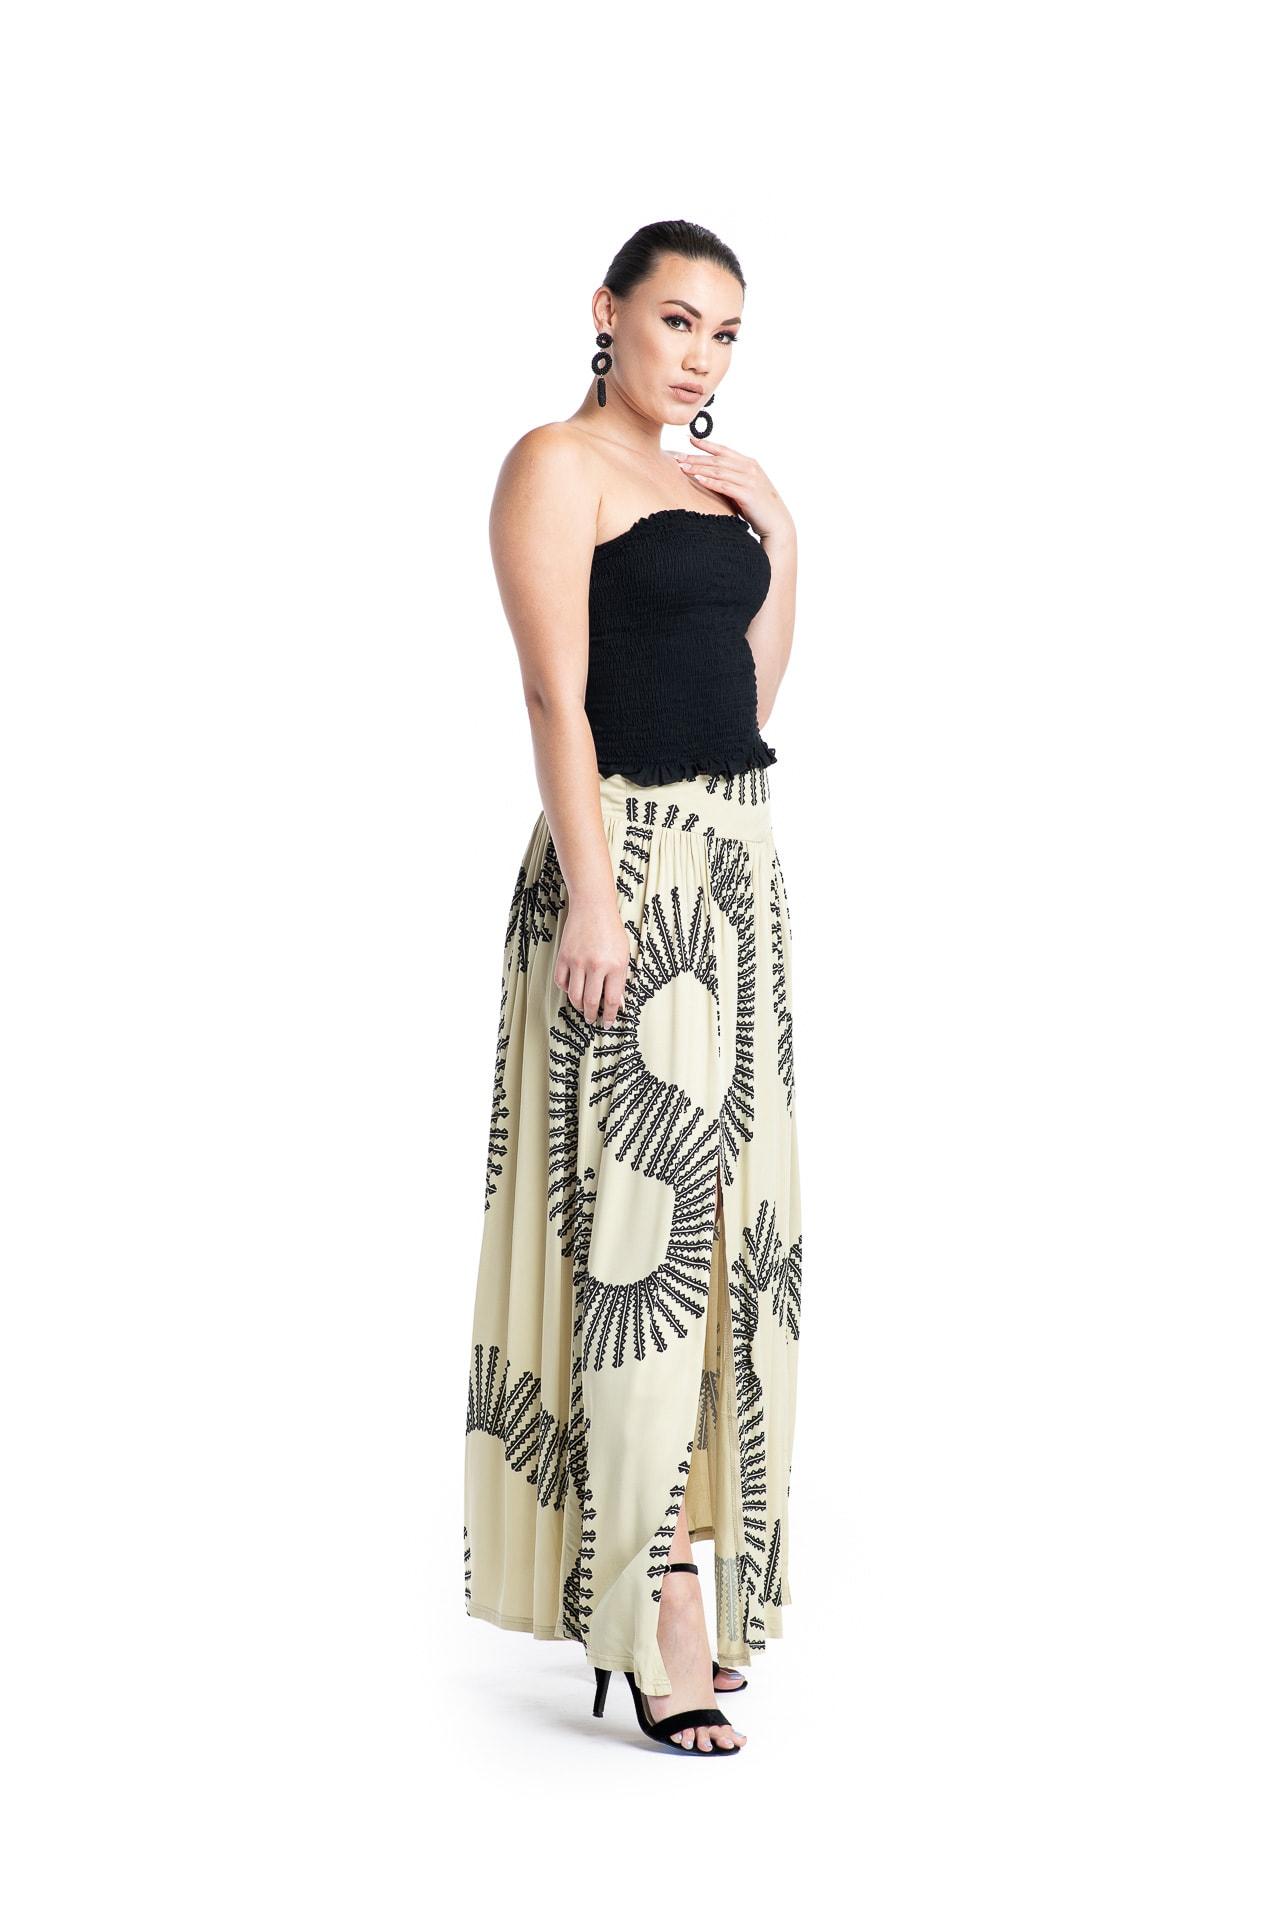 Model wearing Maoli Skirt - Side View